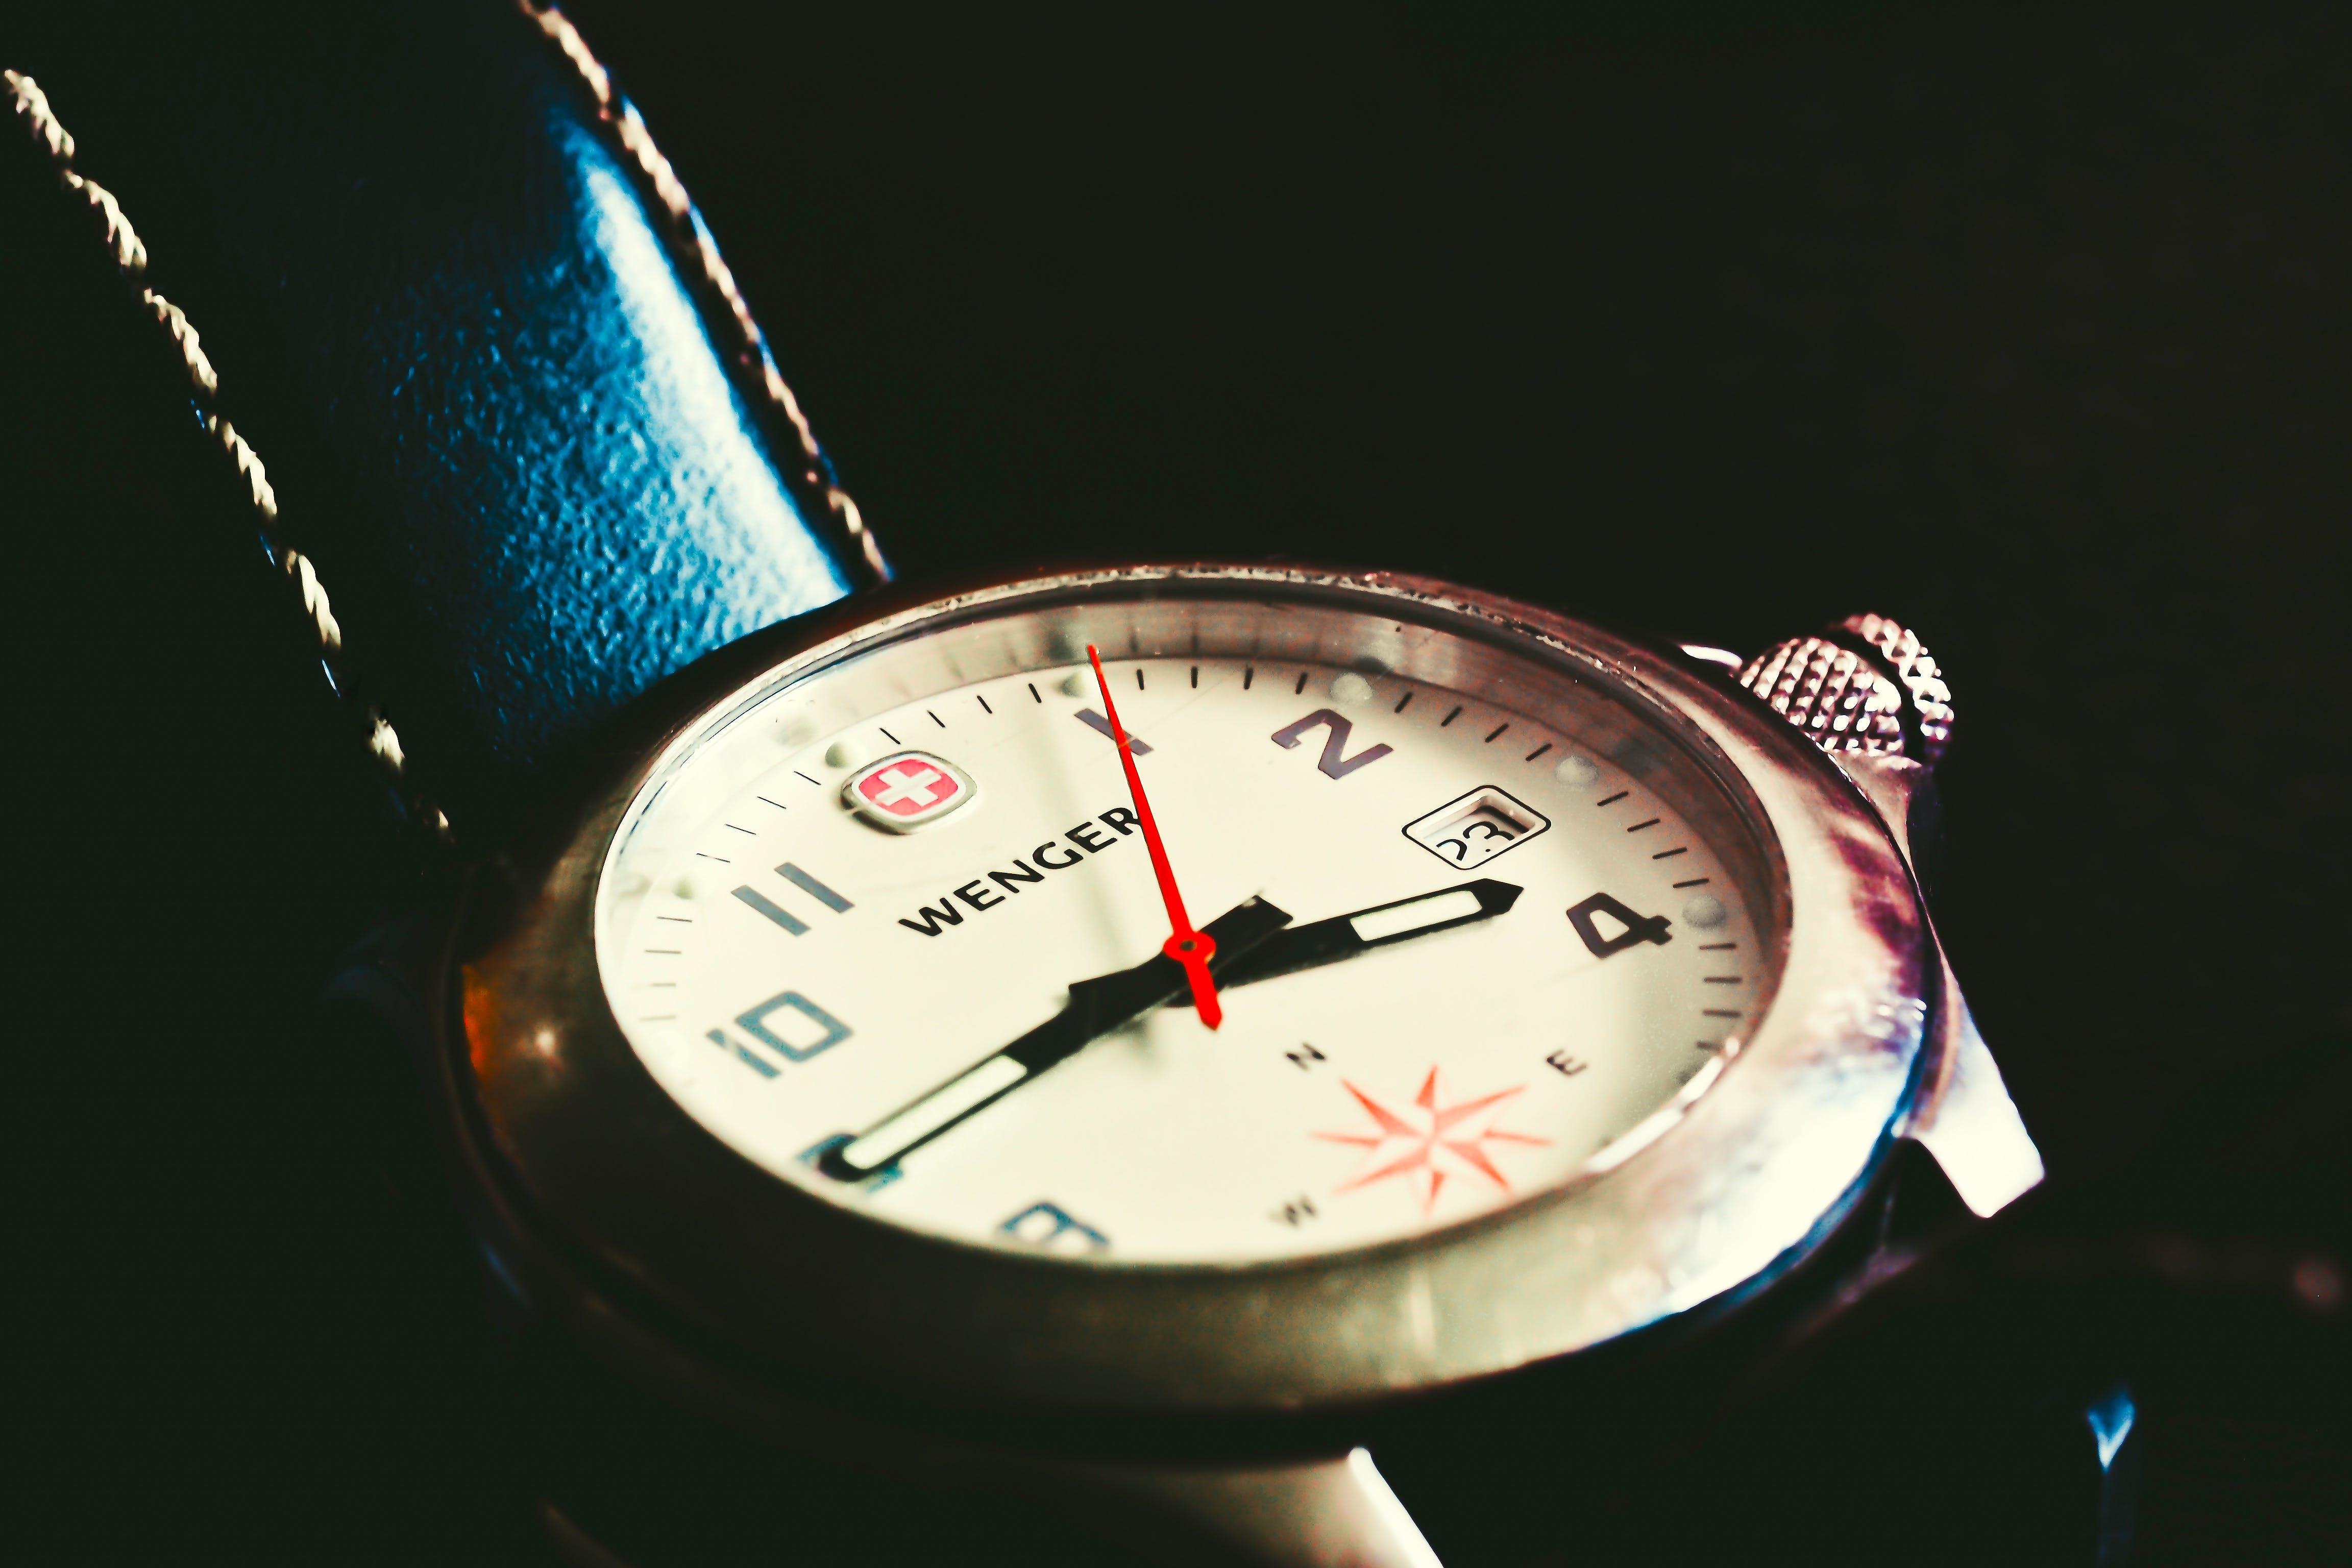 手錶, 時間, 溫格, 鐘錶 的 免費圖庫相片